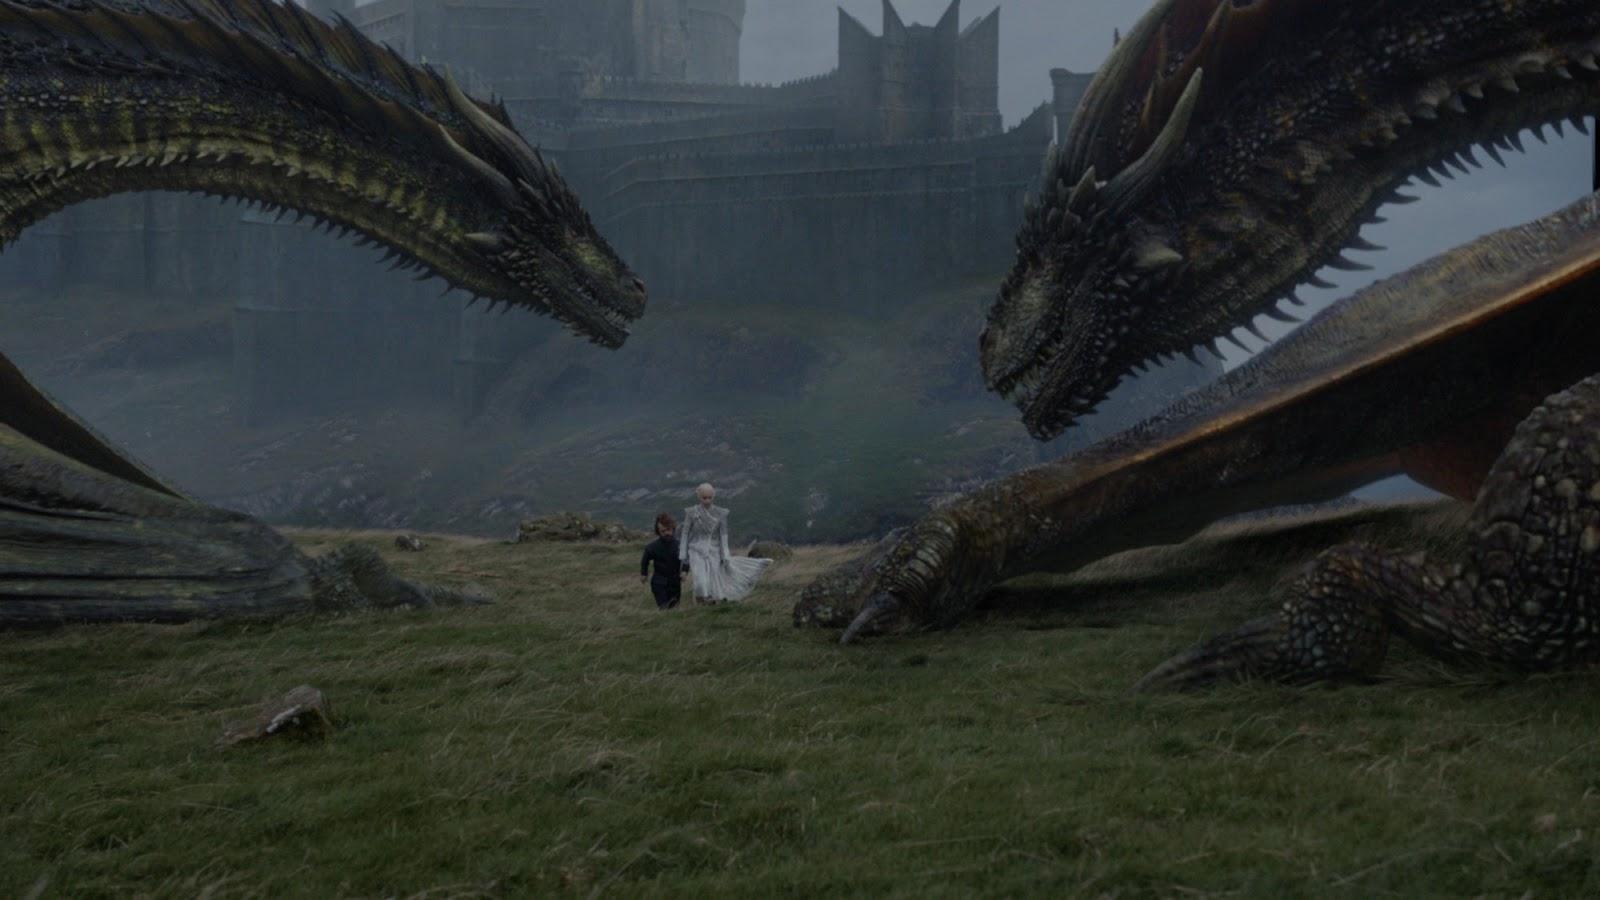 Daenerys con sus dragones